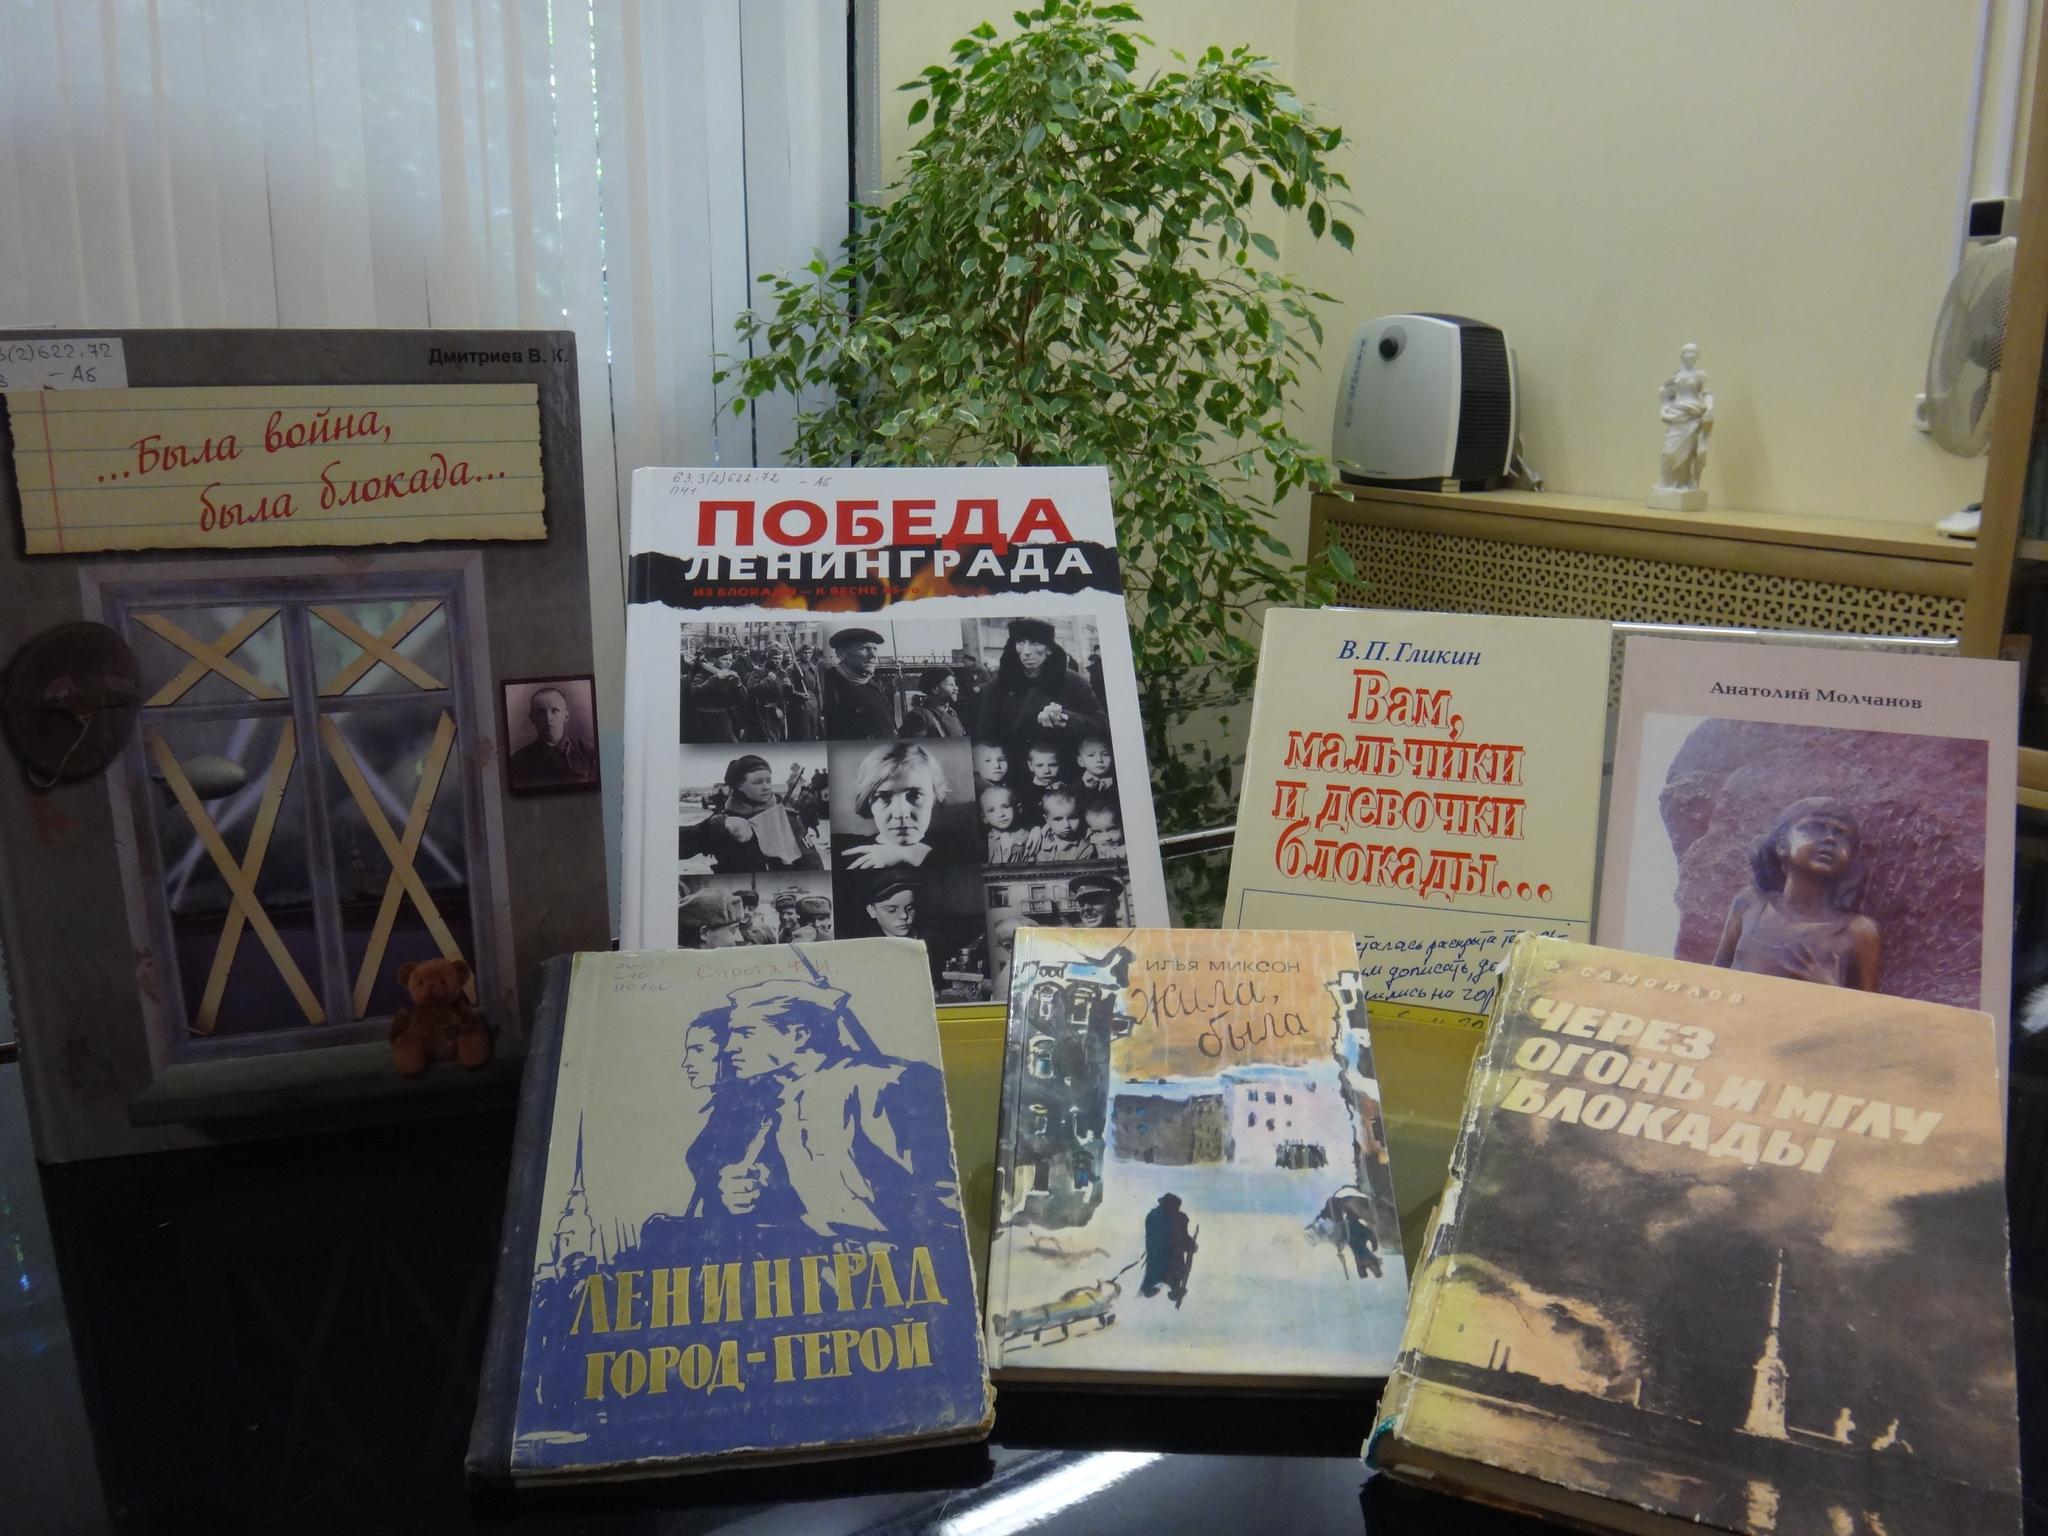 Для, картинки к блокаде ленинграда в библиотеке